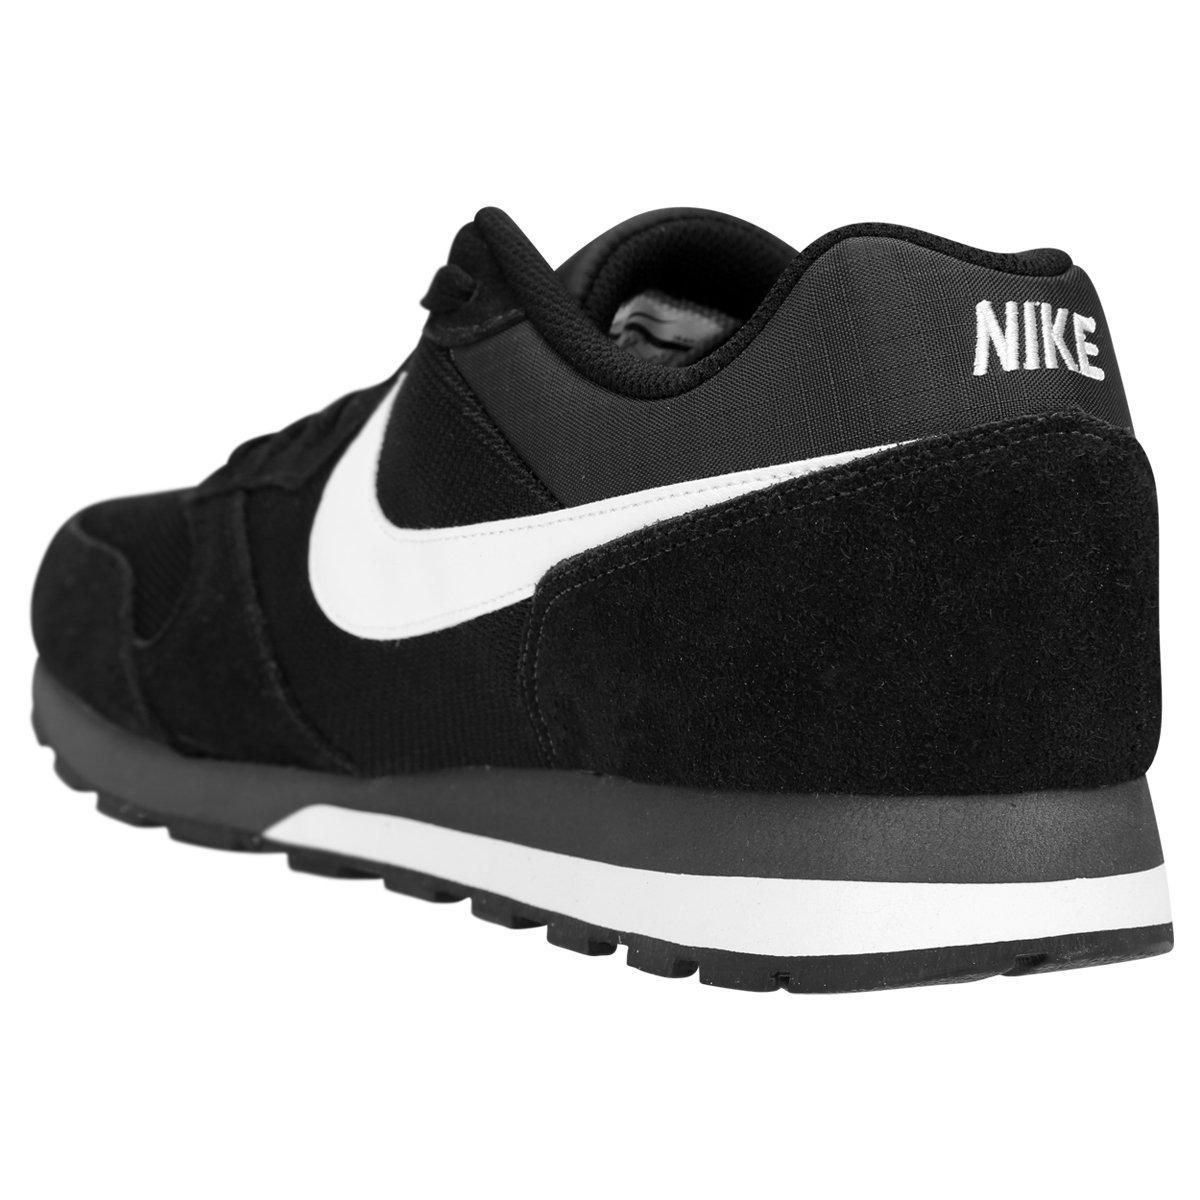 4ebc8384b53 zapatillas nike md runner 2 - negras - originales. Cargando zoom.